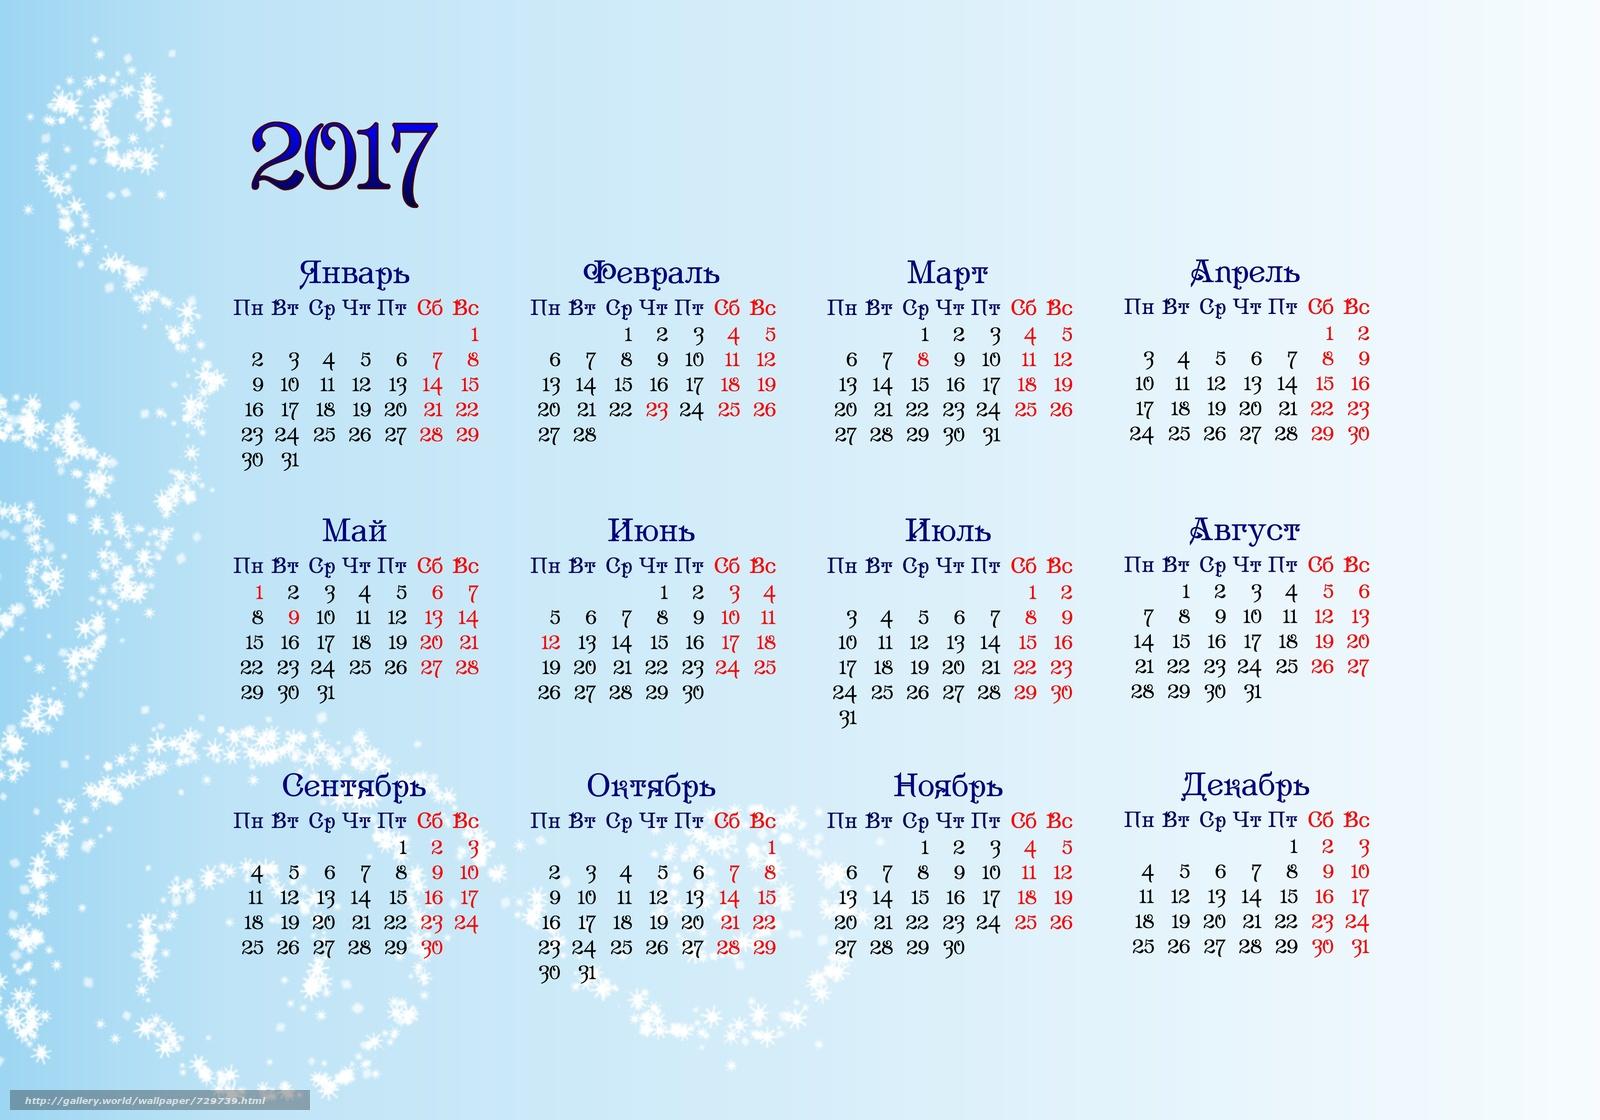 Сделать календарь с на 2017 год